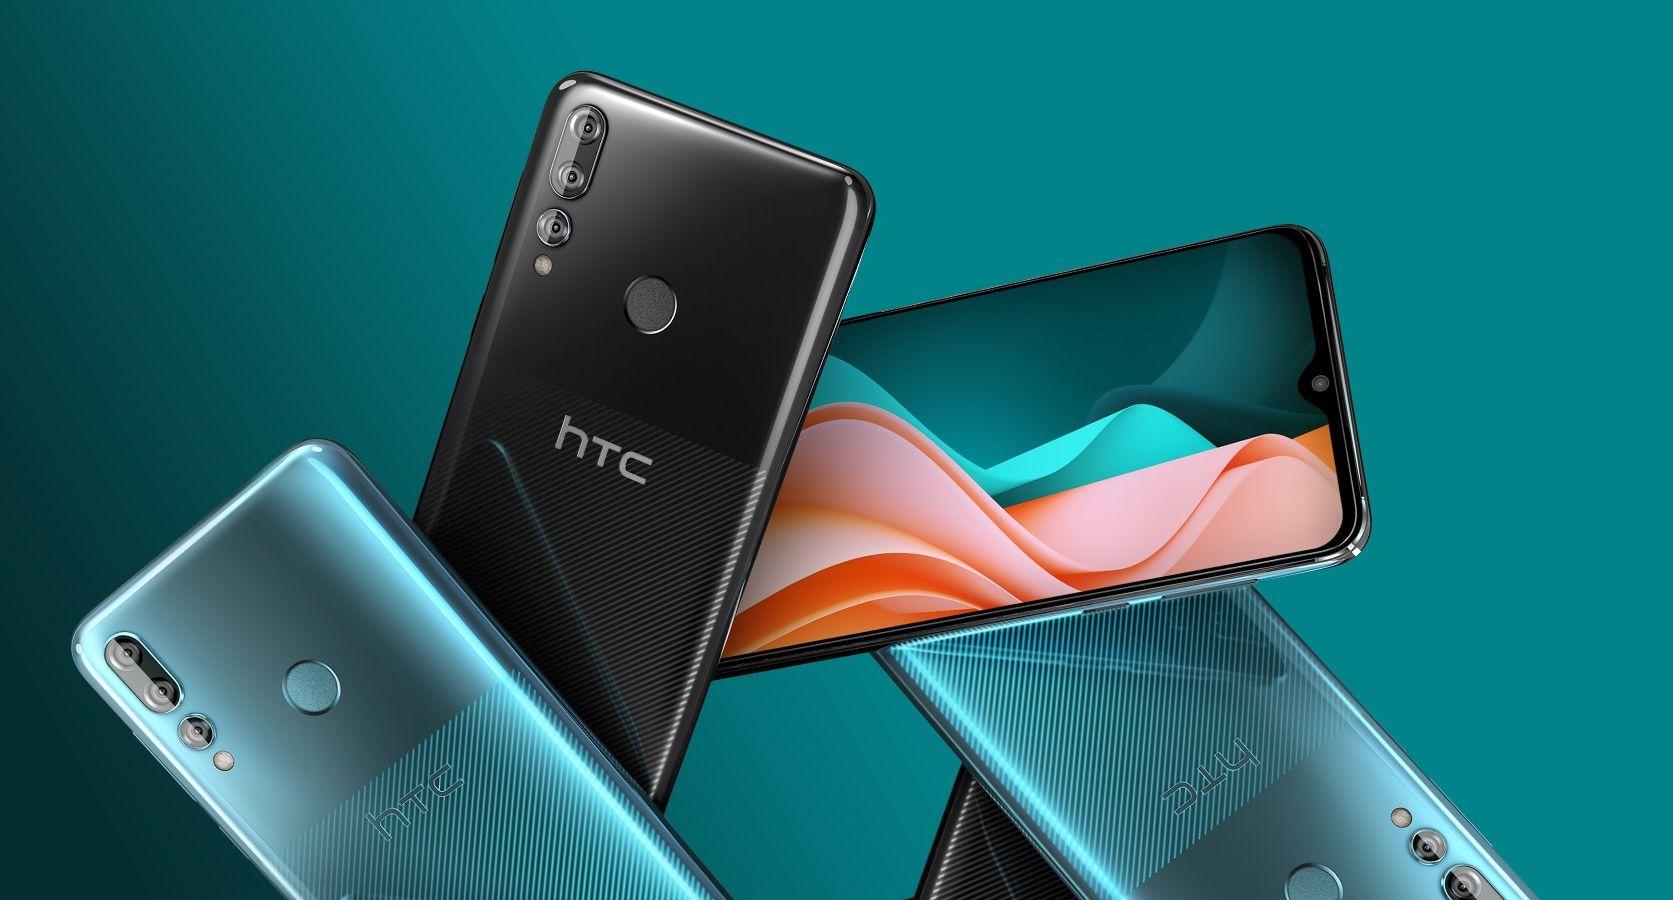 ВРоссии начались продажи бюджетного смартфона HTC Wildfire E2